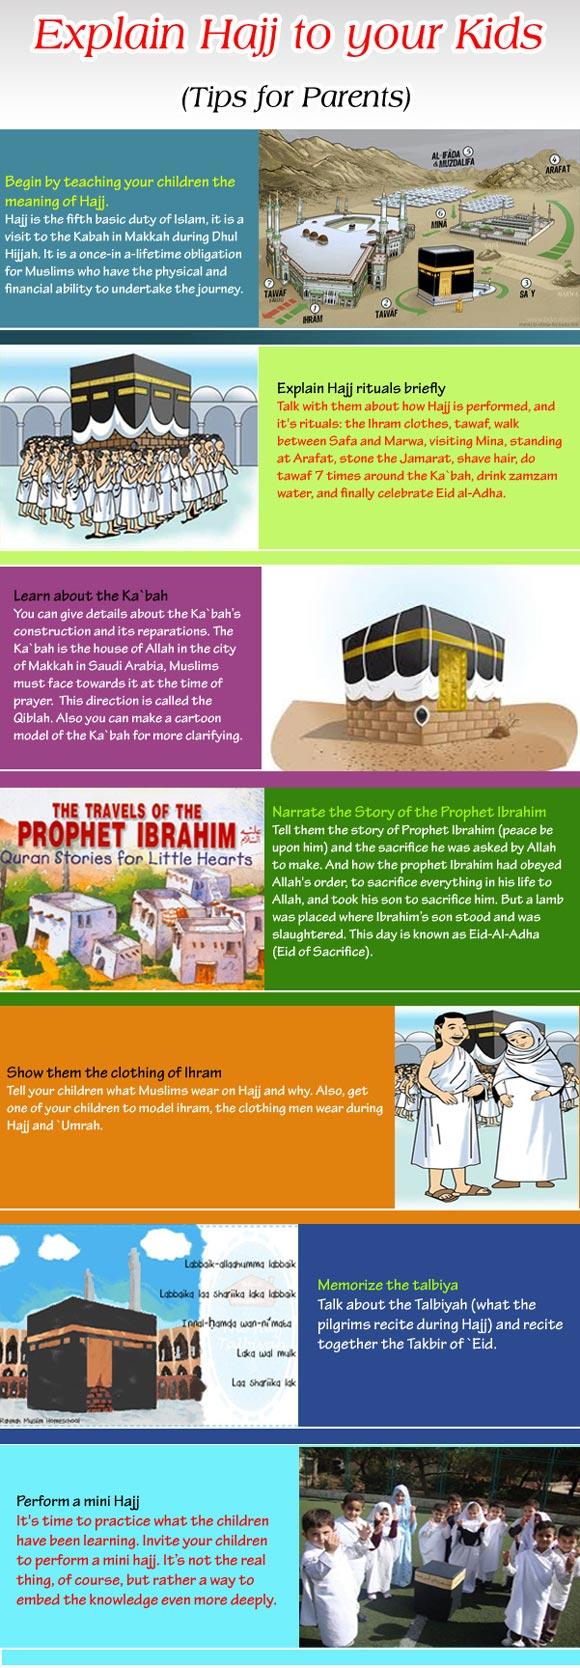 Explain Hajj to Your Kids